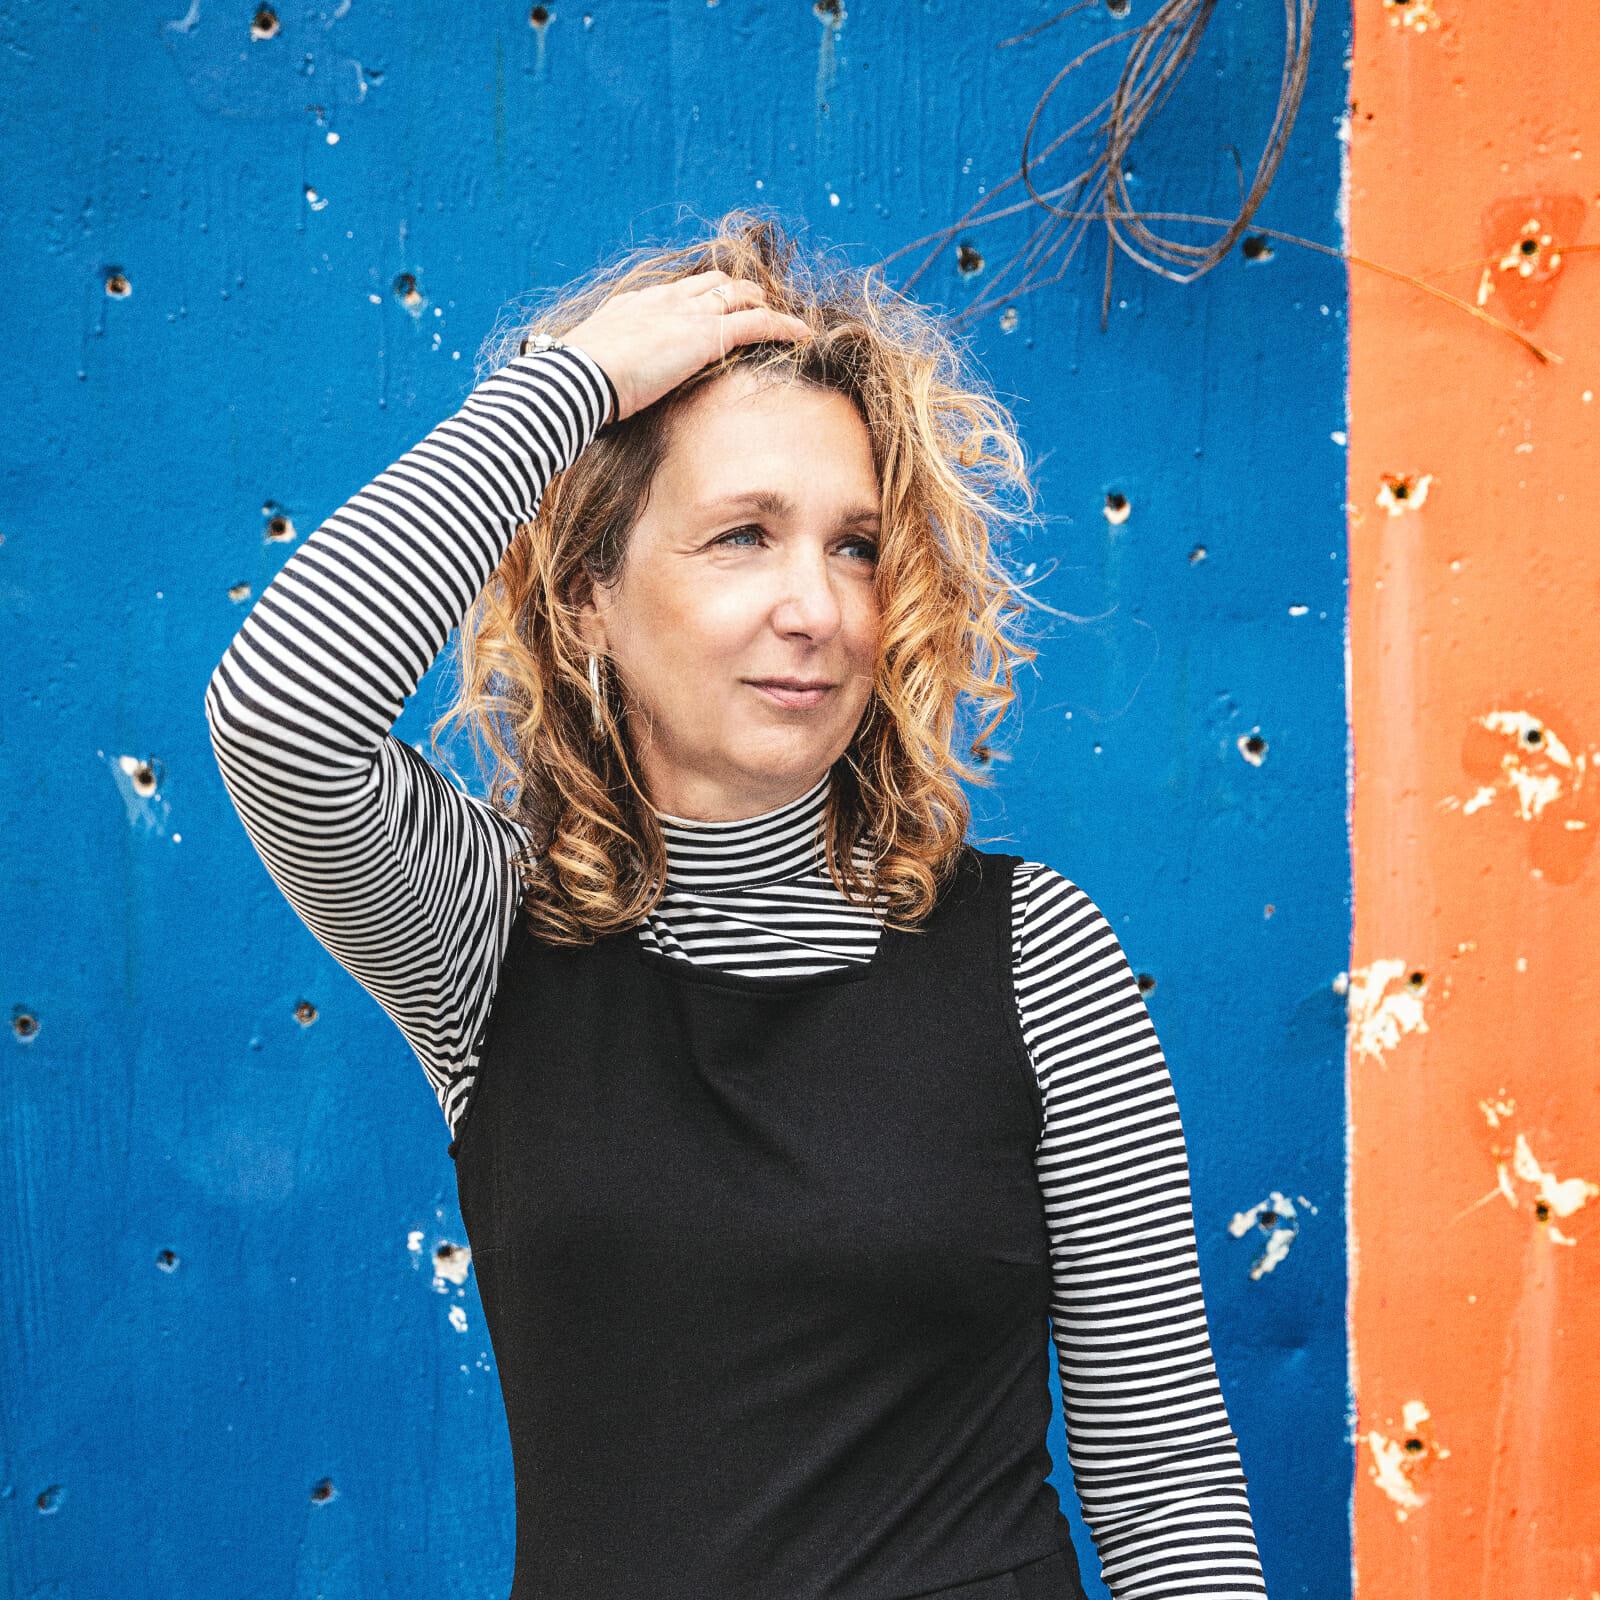 Clarissa Hauk bei Modeaufnahmen auf Norderney